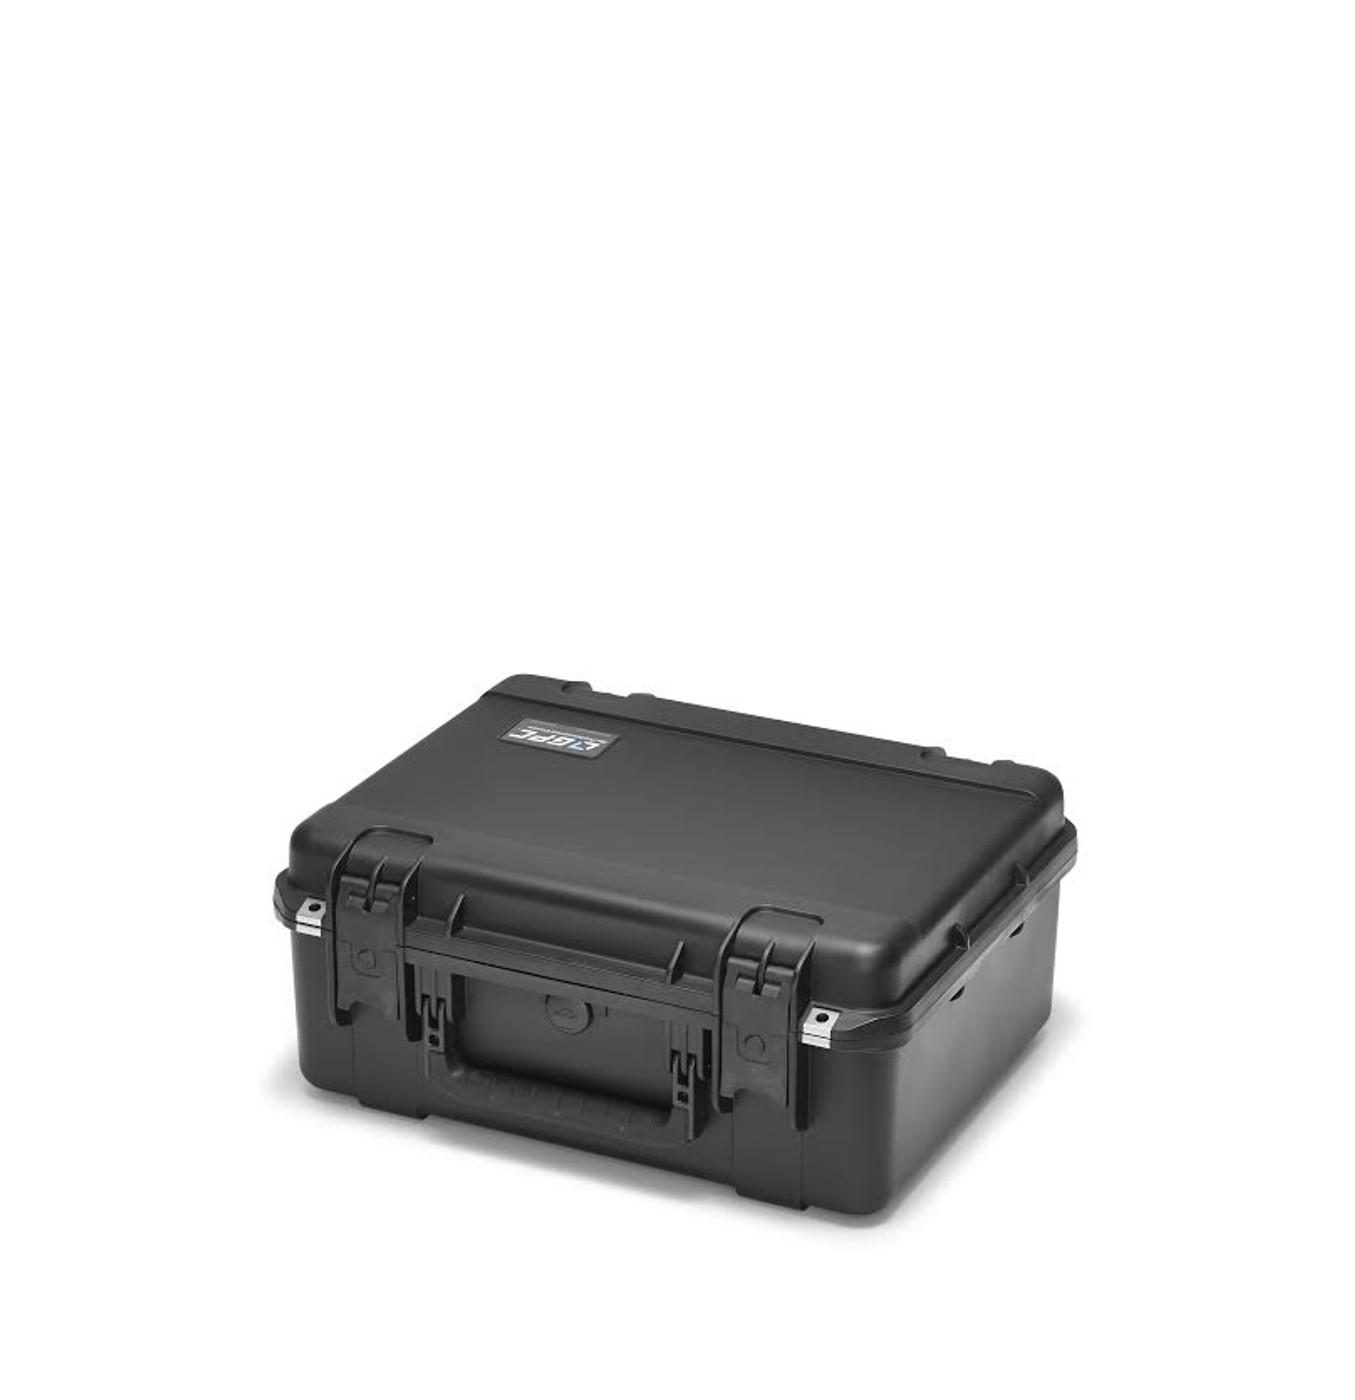 DJI Phantom 4 Pro v2 Case